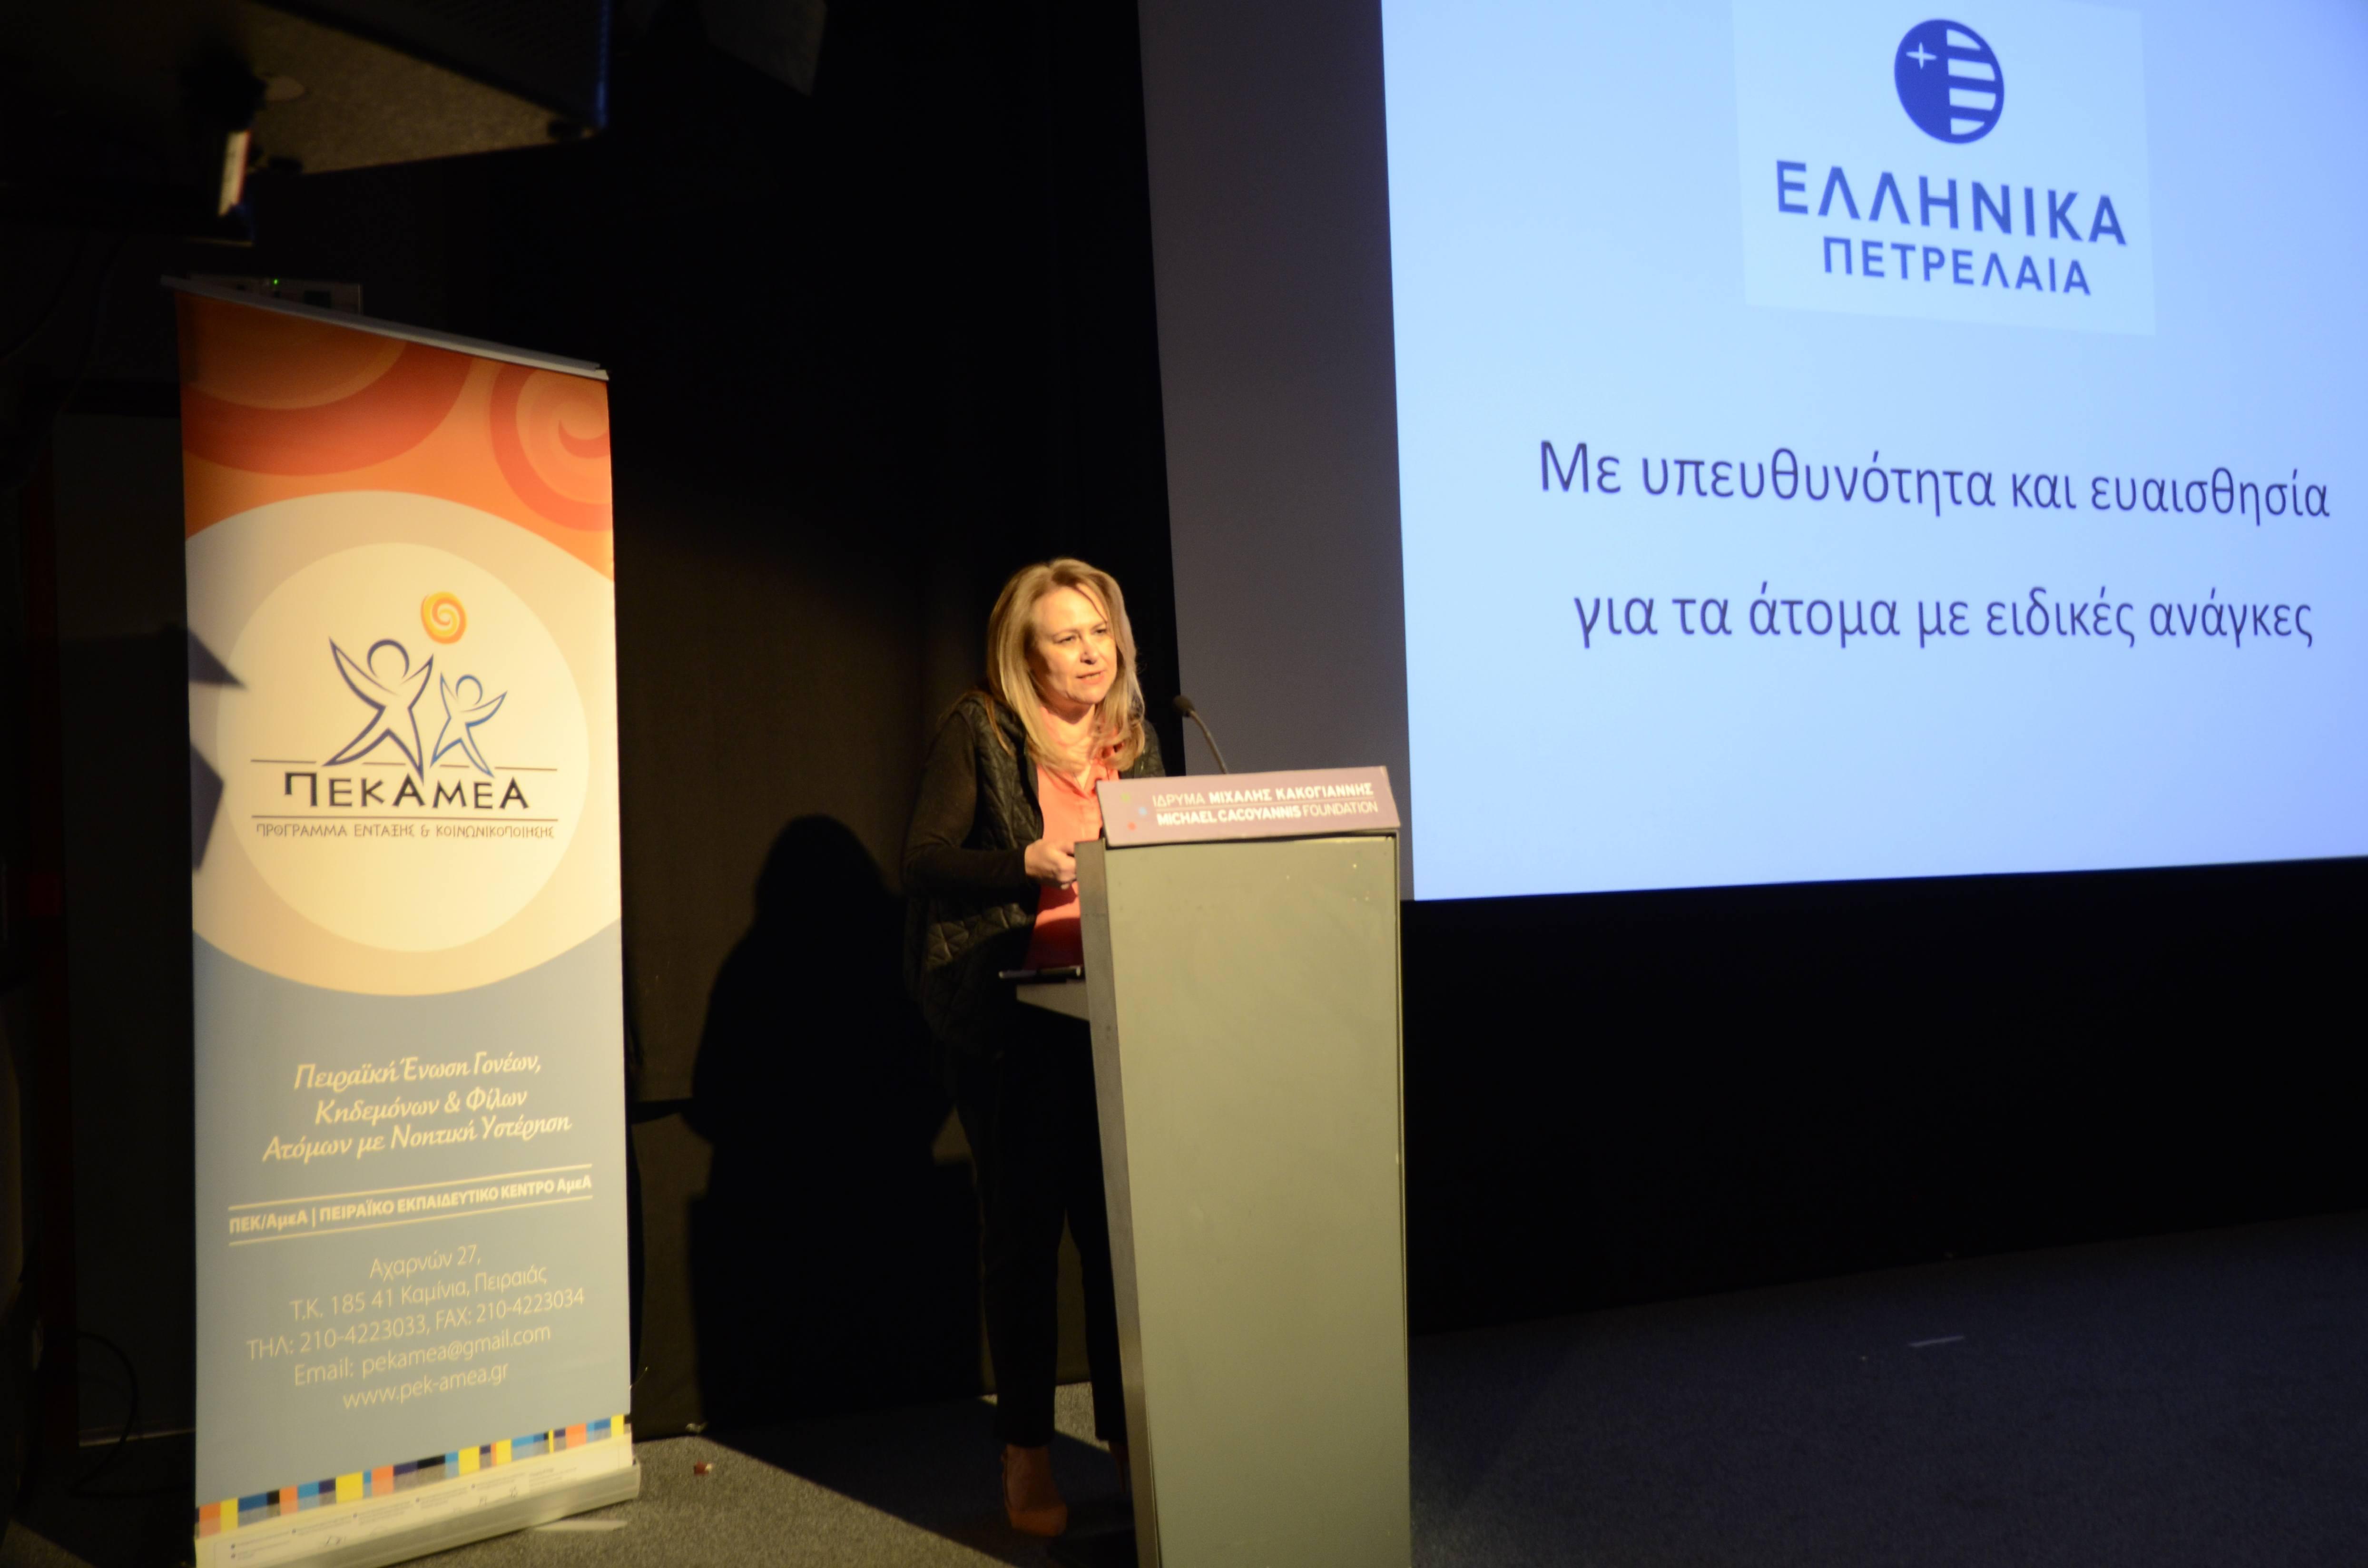 """Η κα Ράνια Σουλάκη, Διευθύντρια Εταιρικής Κοινωνικής Ευθύνης, Όμιλος Ελληνικών Πετρελαίων - """"ΕΛΛΗΝΙΚΑ ΠΕΤΡΕΛΑΙΑ : Με υπευθυνότητα και ευαισθησία για τα άτομα με ειδικές ανάγκες"""""""